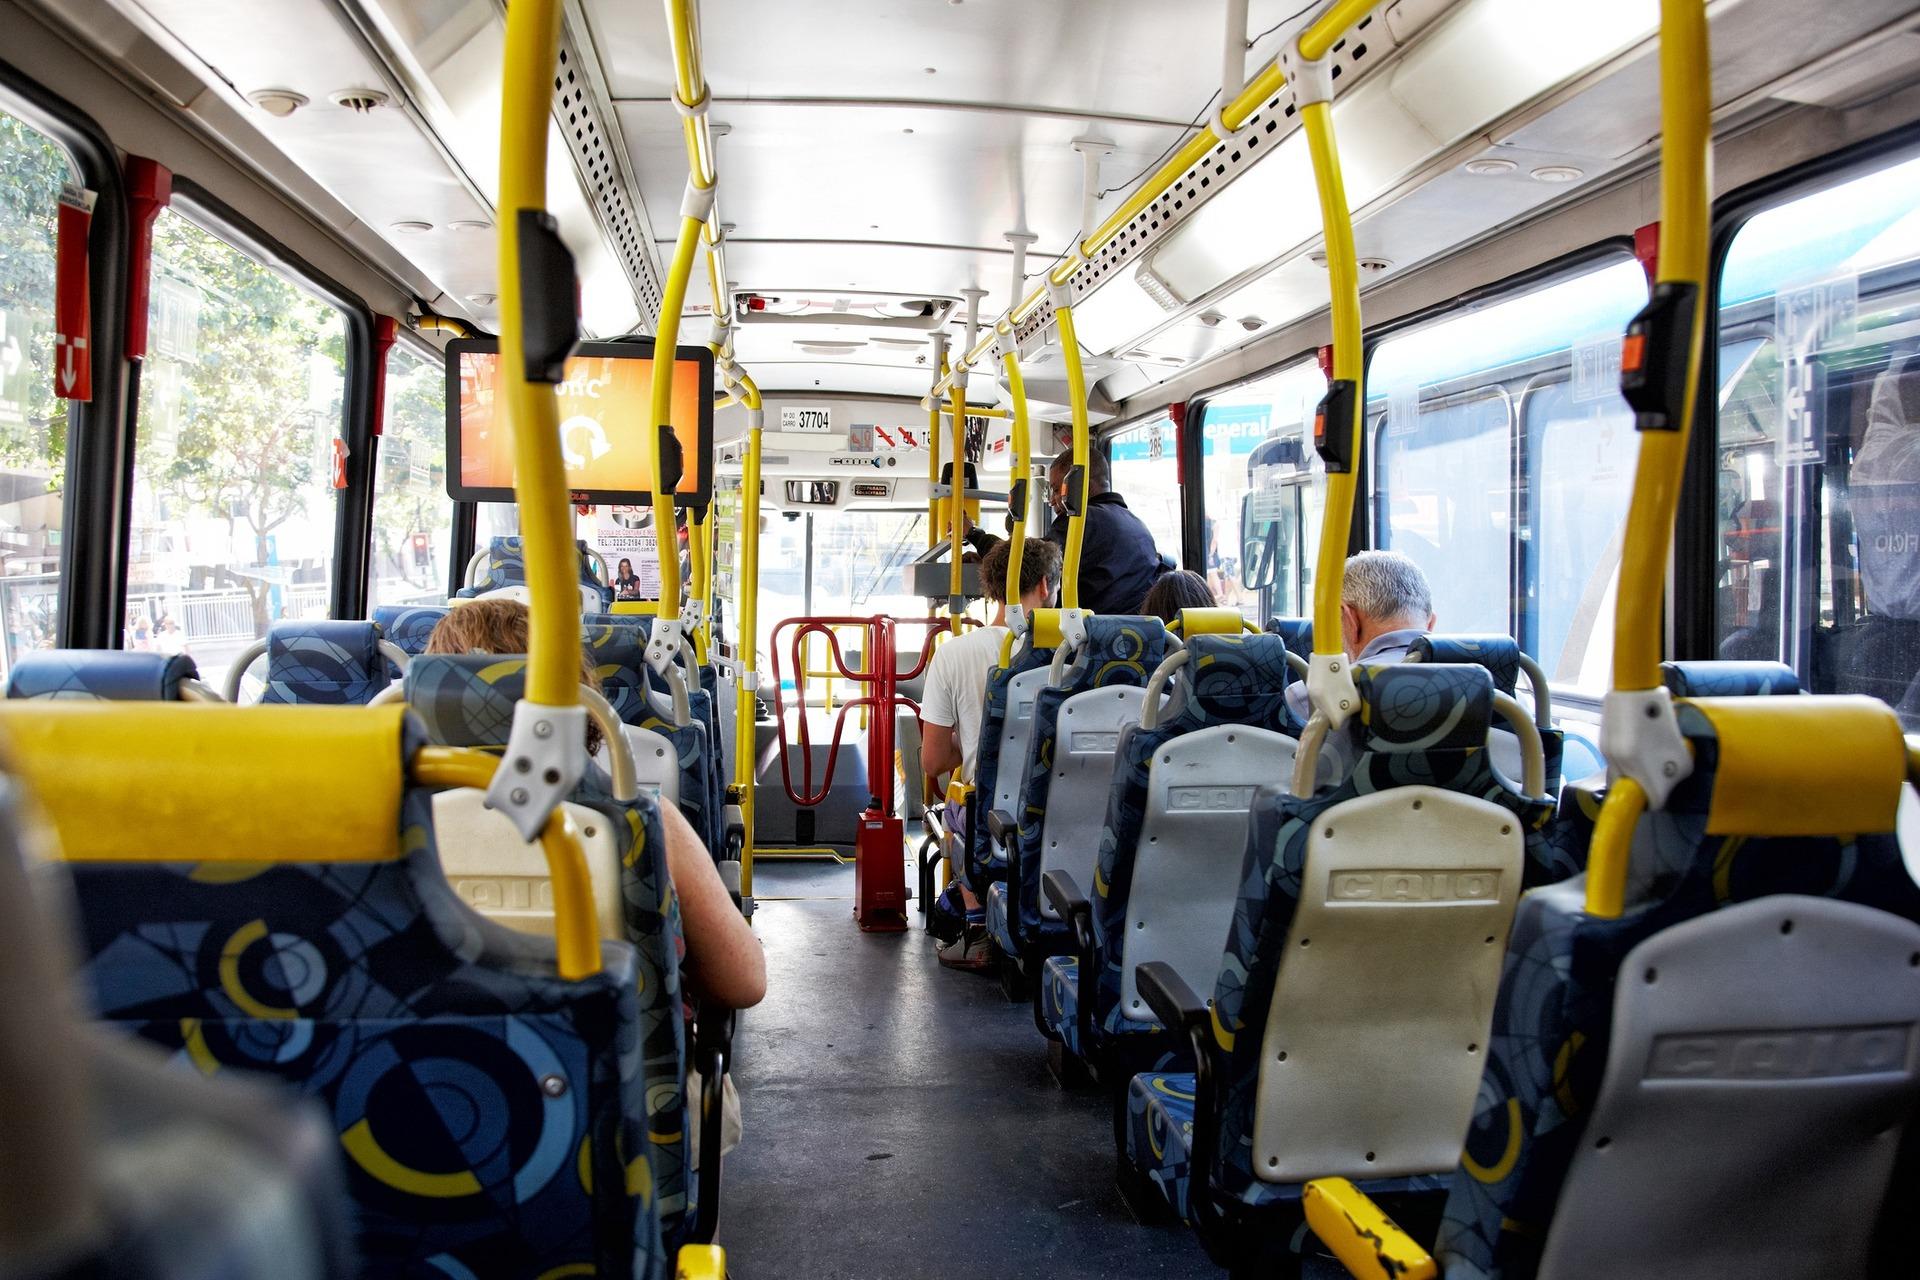 Medida promete combater os casos de assédio sexual no transporte público.